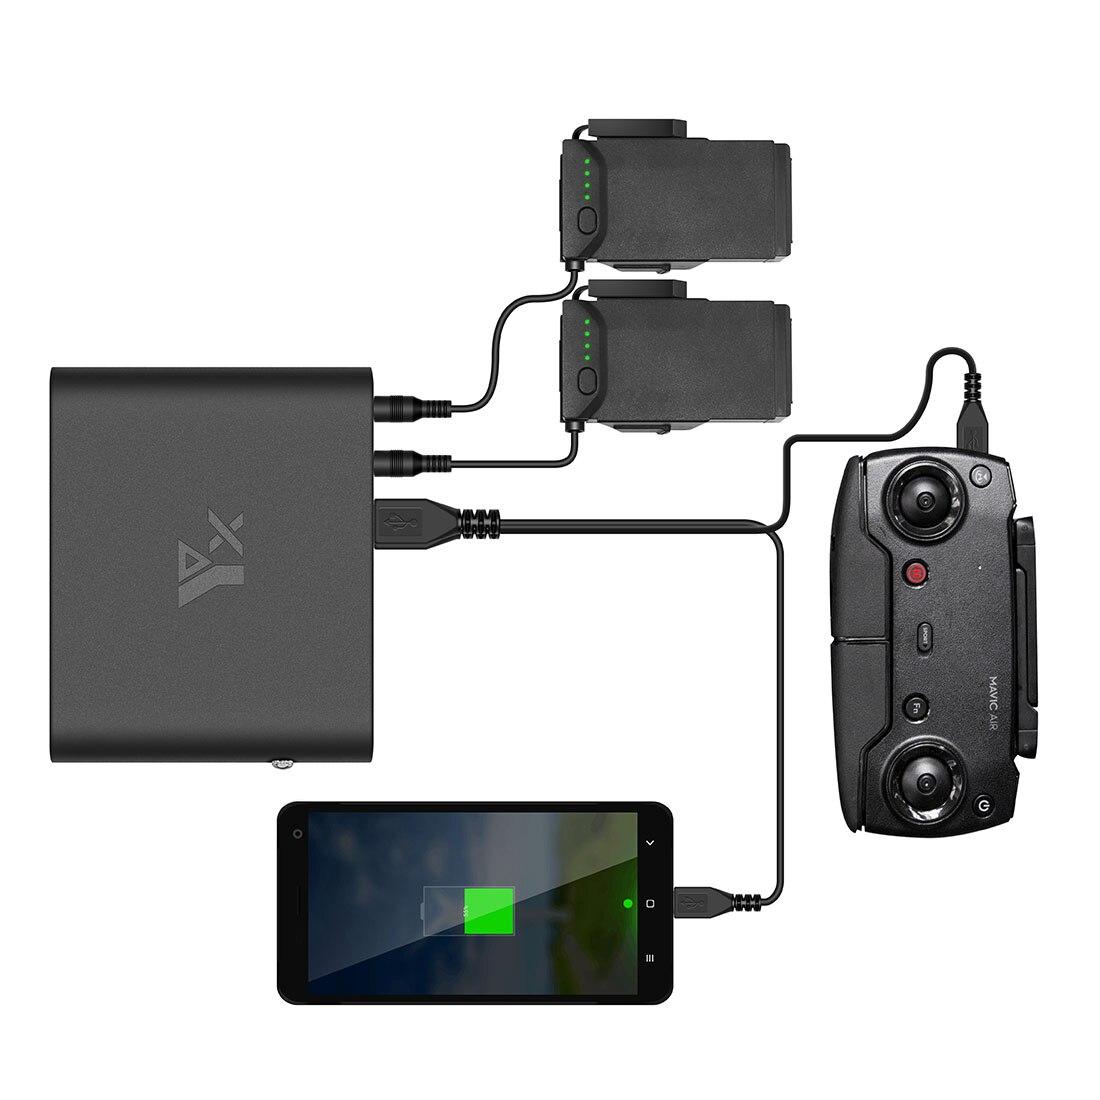 HOBBYINRC 4in1 batterie externe Mobile Transverter chargeur extérieur pour Drone DJI Tello pour prise Standard nationale/prise US